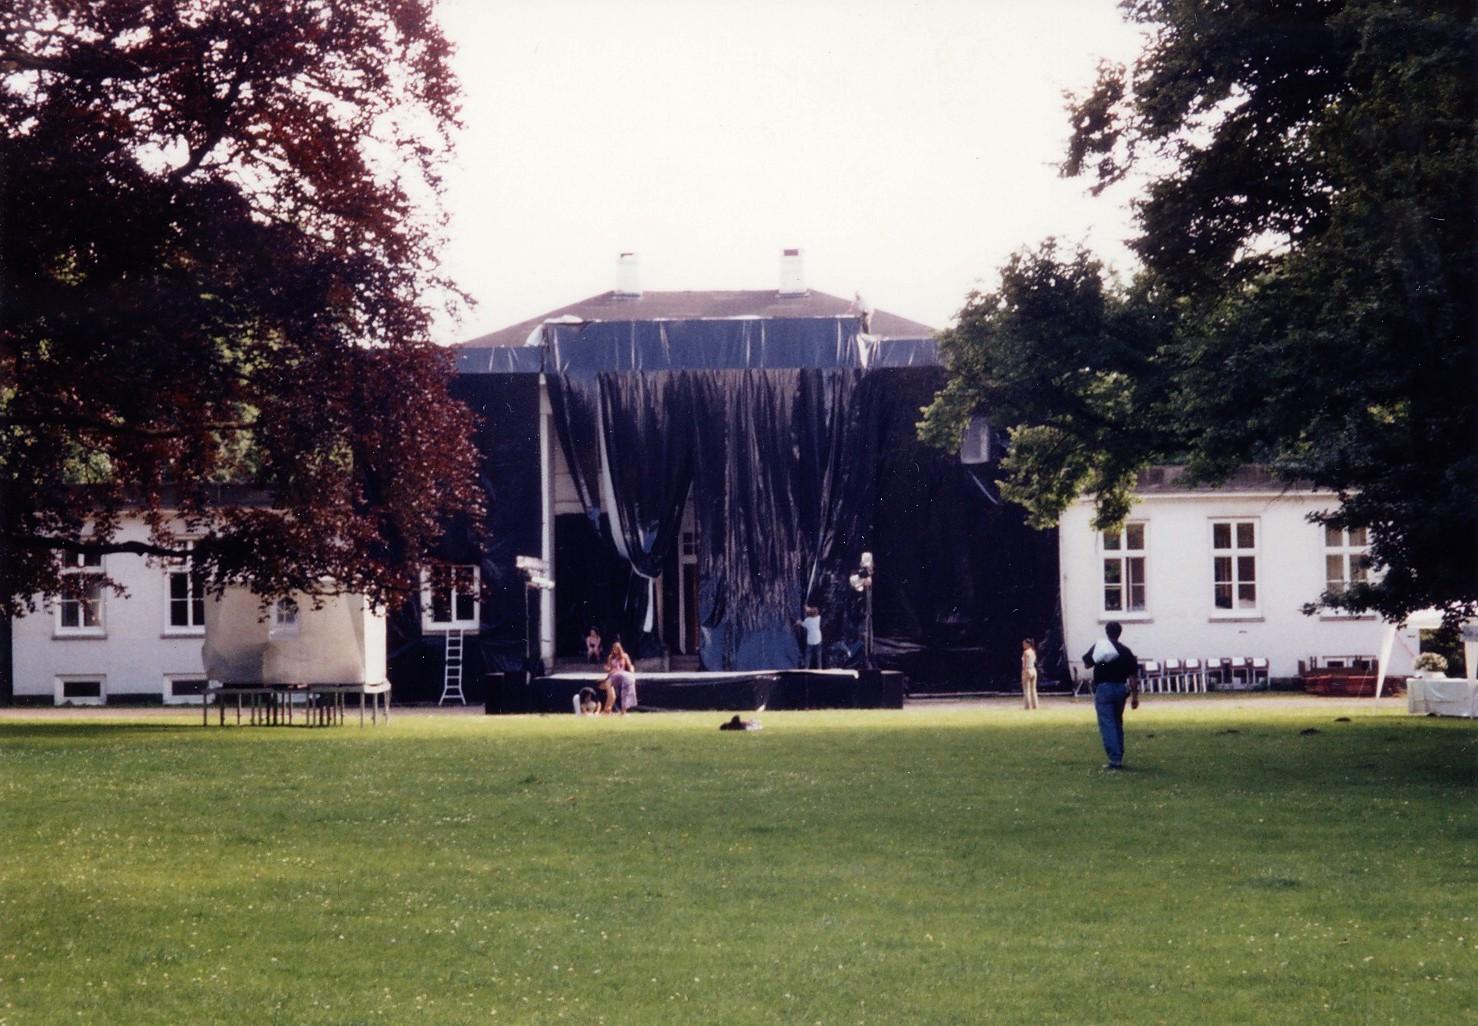 Nacht aus Blei 1_7,01-1lolaroggeschule-die-nacht-aus-blei-wagenknecht-200lolaroggeschule-die-nacht-aus-blei-wagenknecht-2001